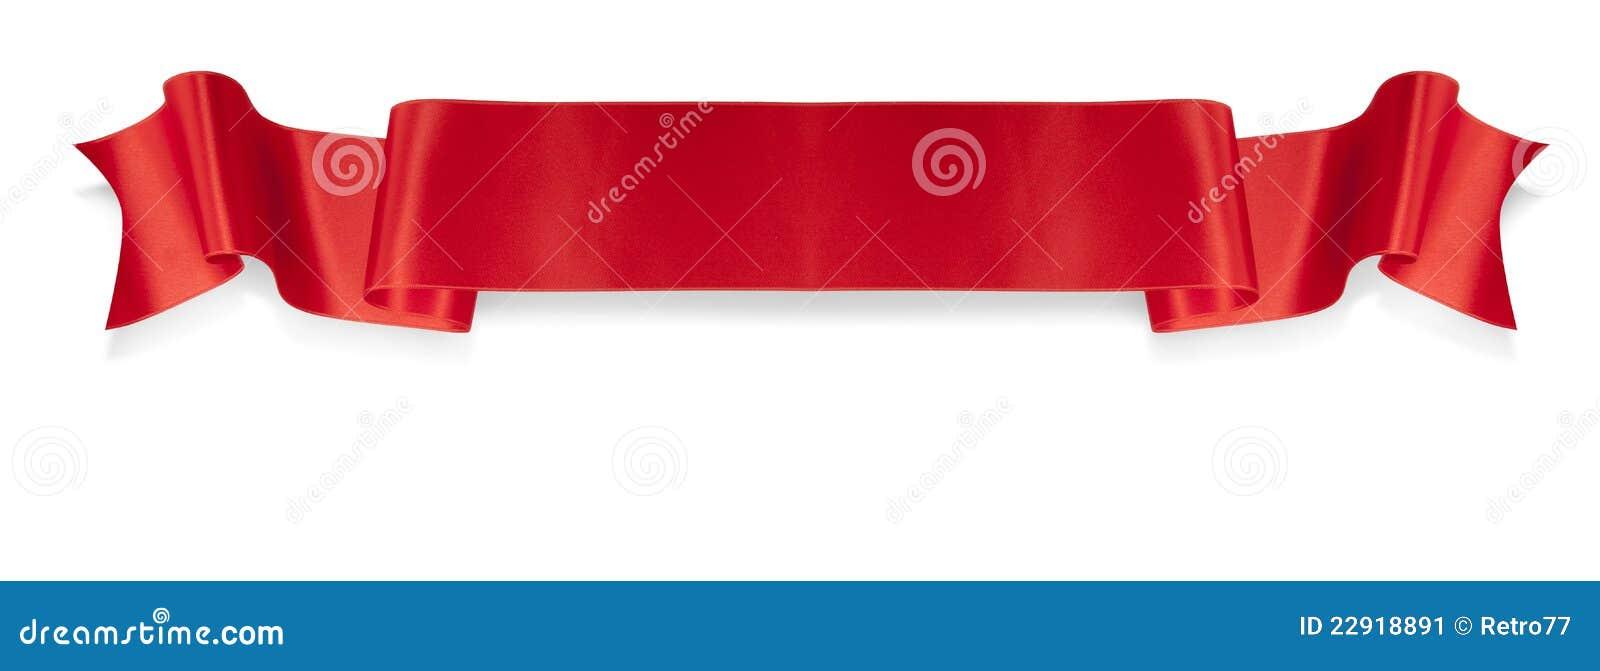 Bandera roja de la cinta de la elegancia